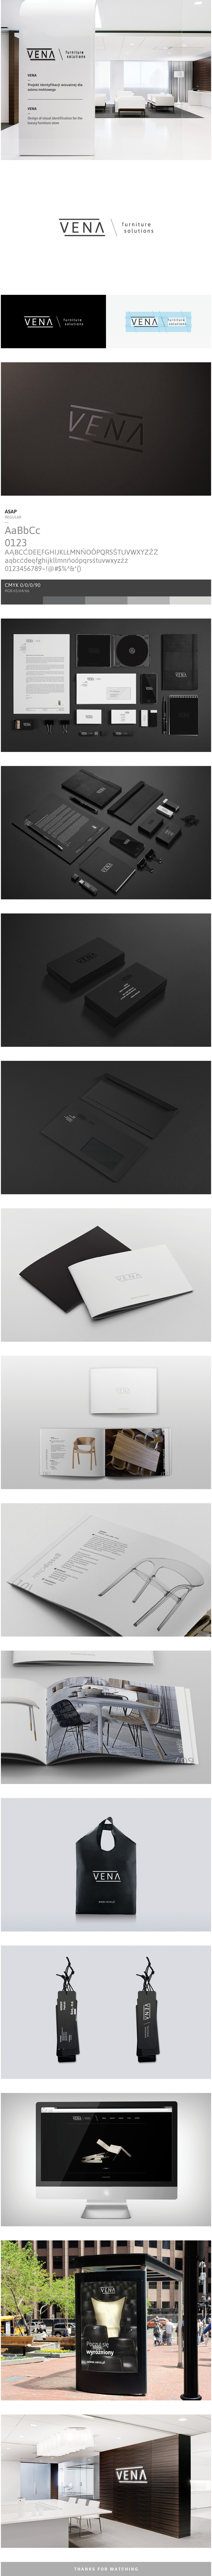 black elegant identity furniture solutions modern vena Mono logo brand grey luxury design wena Logotype